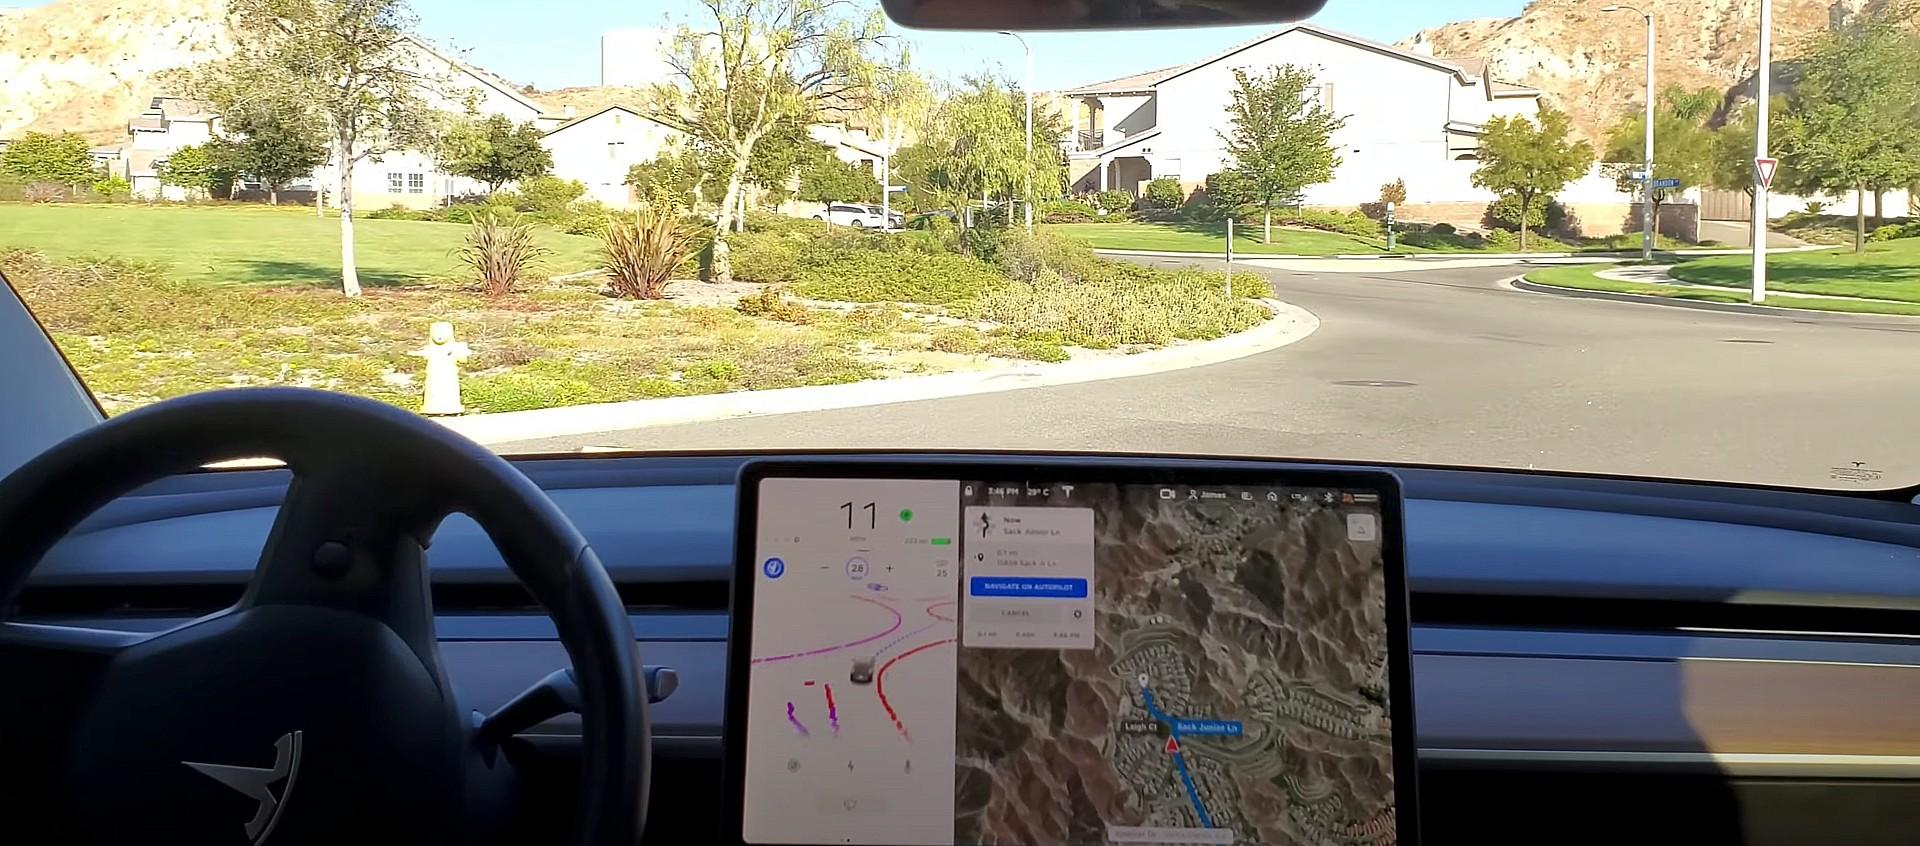 Бета-версия Tesla FSD позволяет легко справляться с проблемами, поскольку новые данные поступают в нейронную сеть